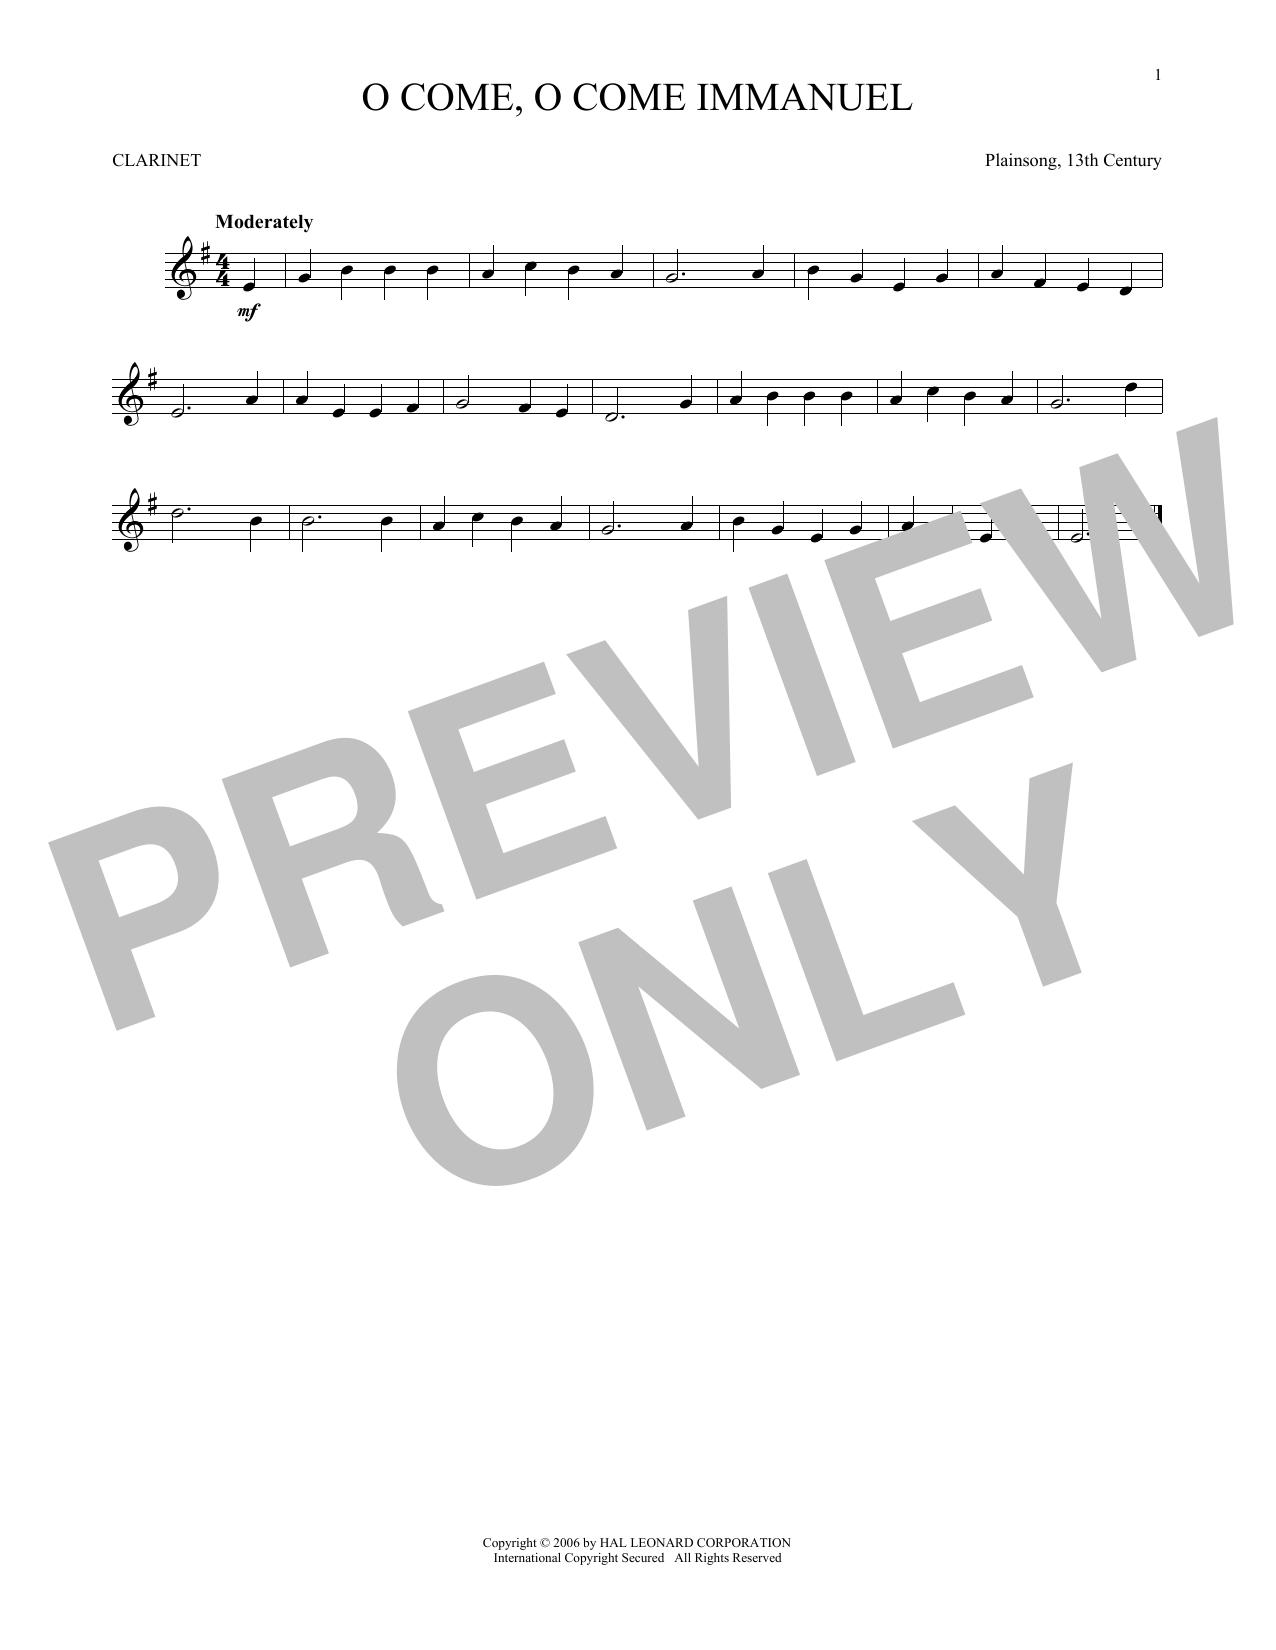 O Come, O Come Immanuel (Clarinet Solo)